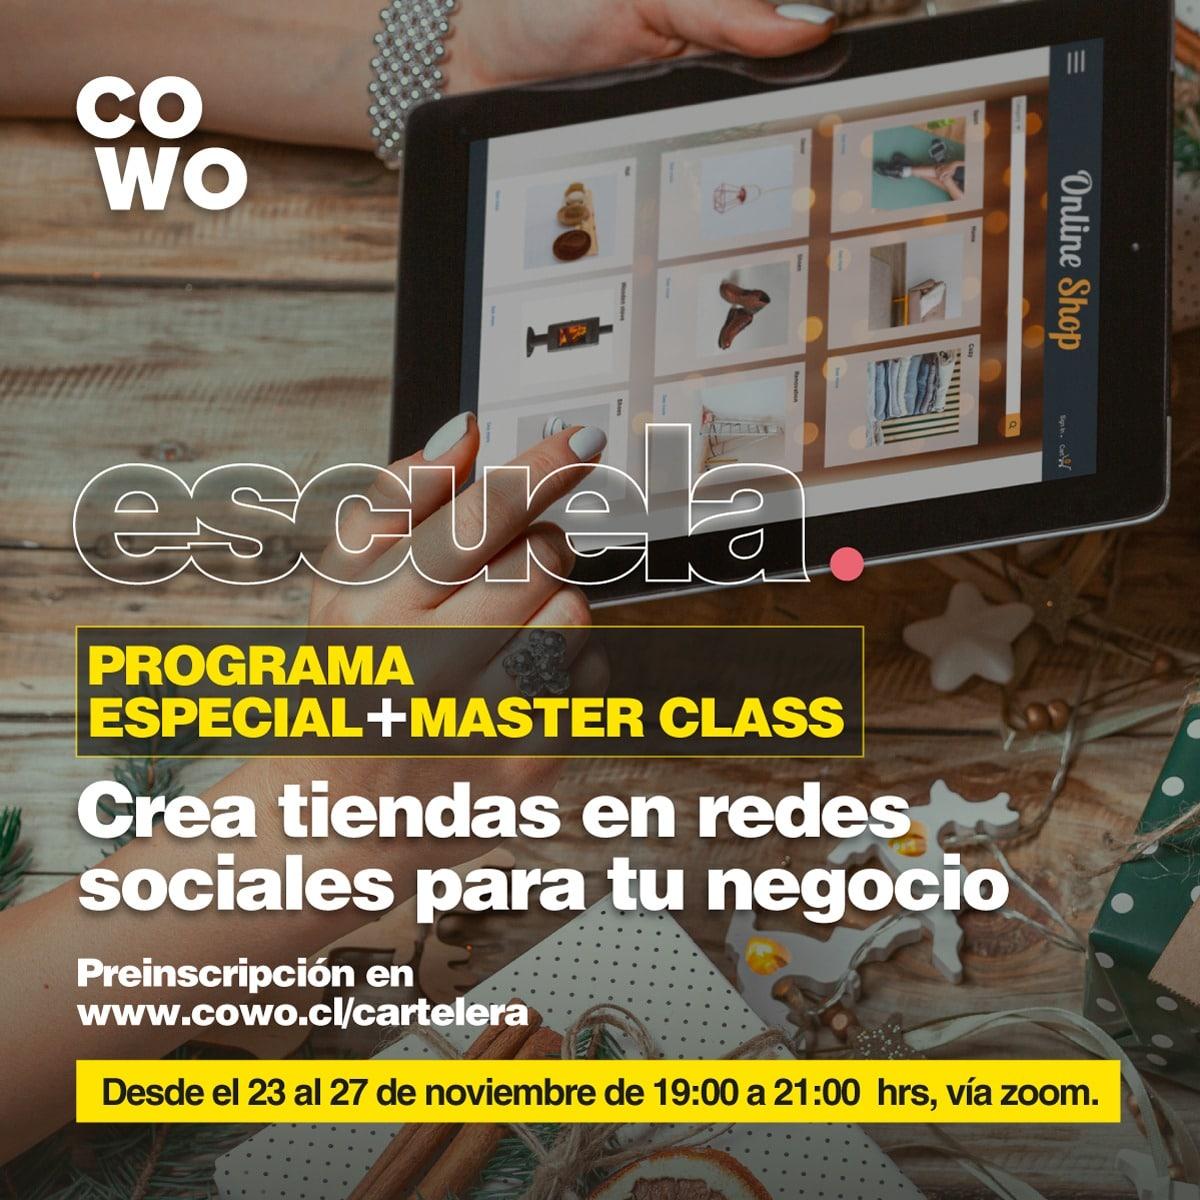 Preinscríbete al programa: Crea tiendas en redes sociales para tu negocio